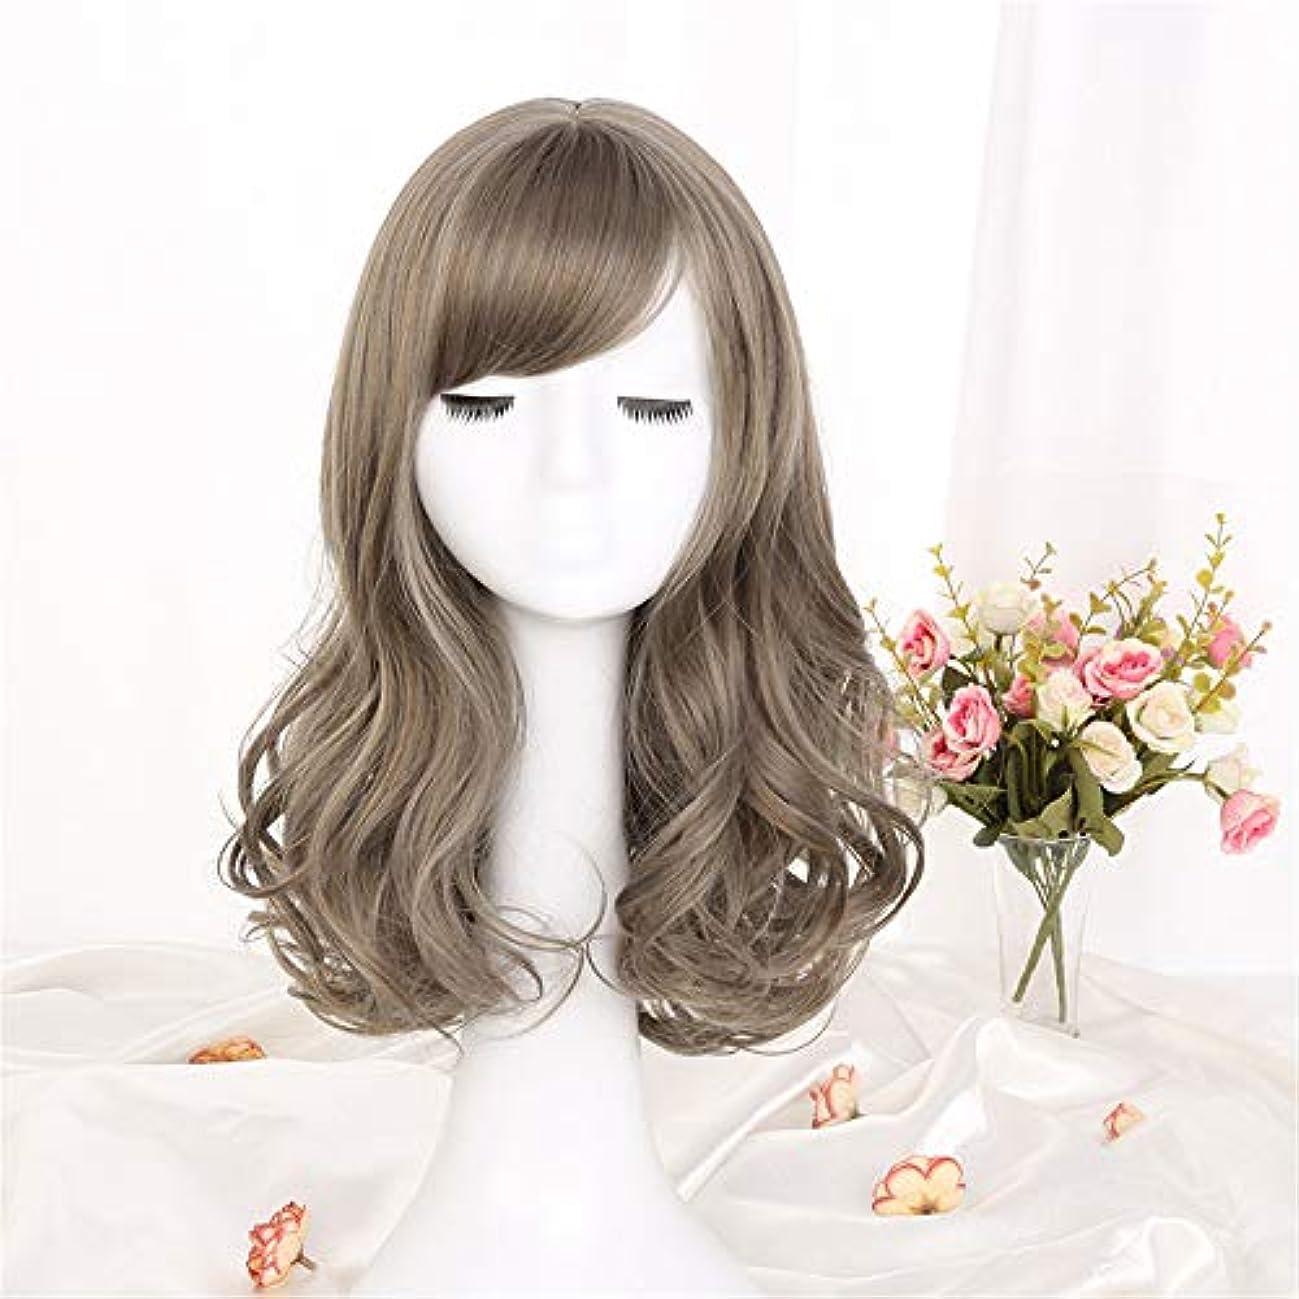 ビタミン運命商品ウィッグ髪化学繊維フードミディアム長波高温合成繊維ウィッグ女性用ウィッググリーンウッドリネンアッシュ42cm